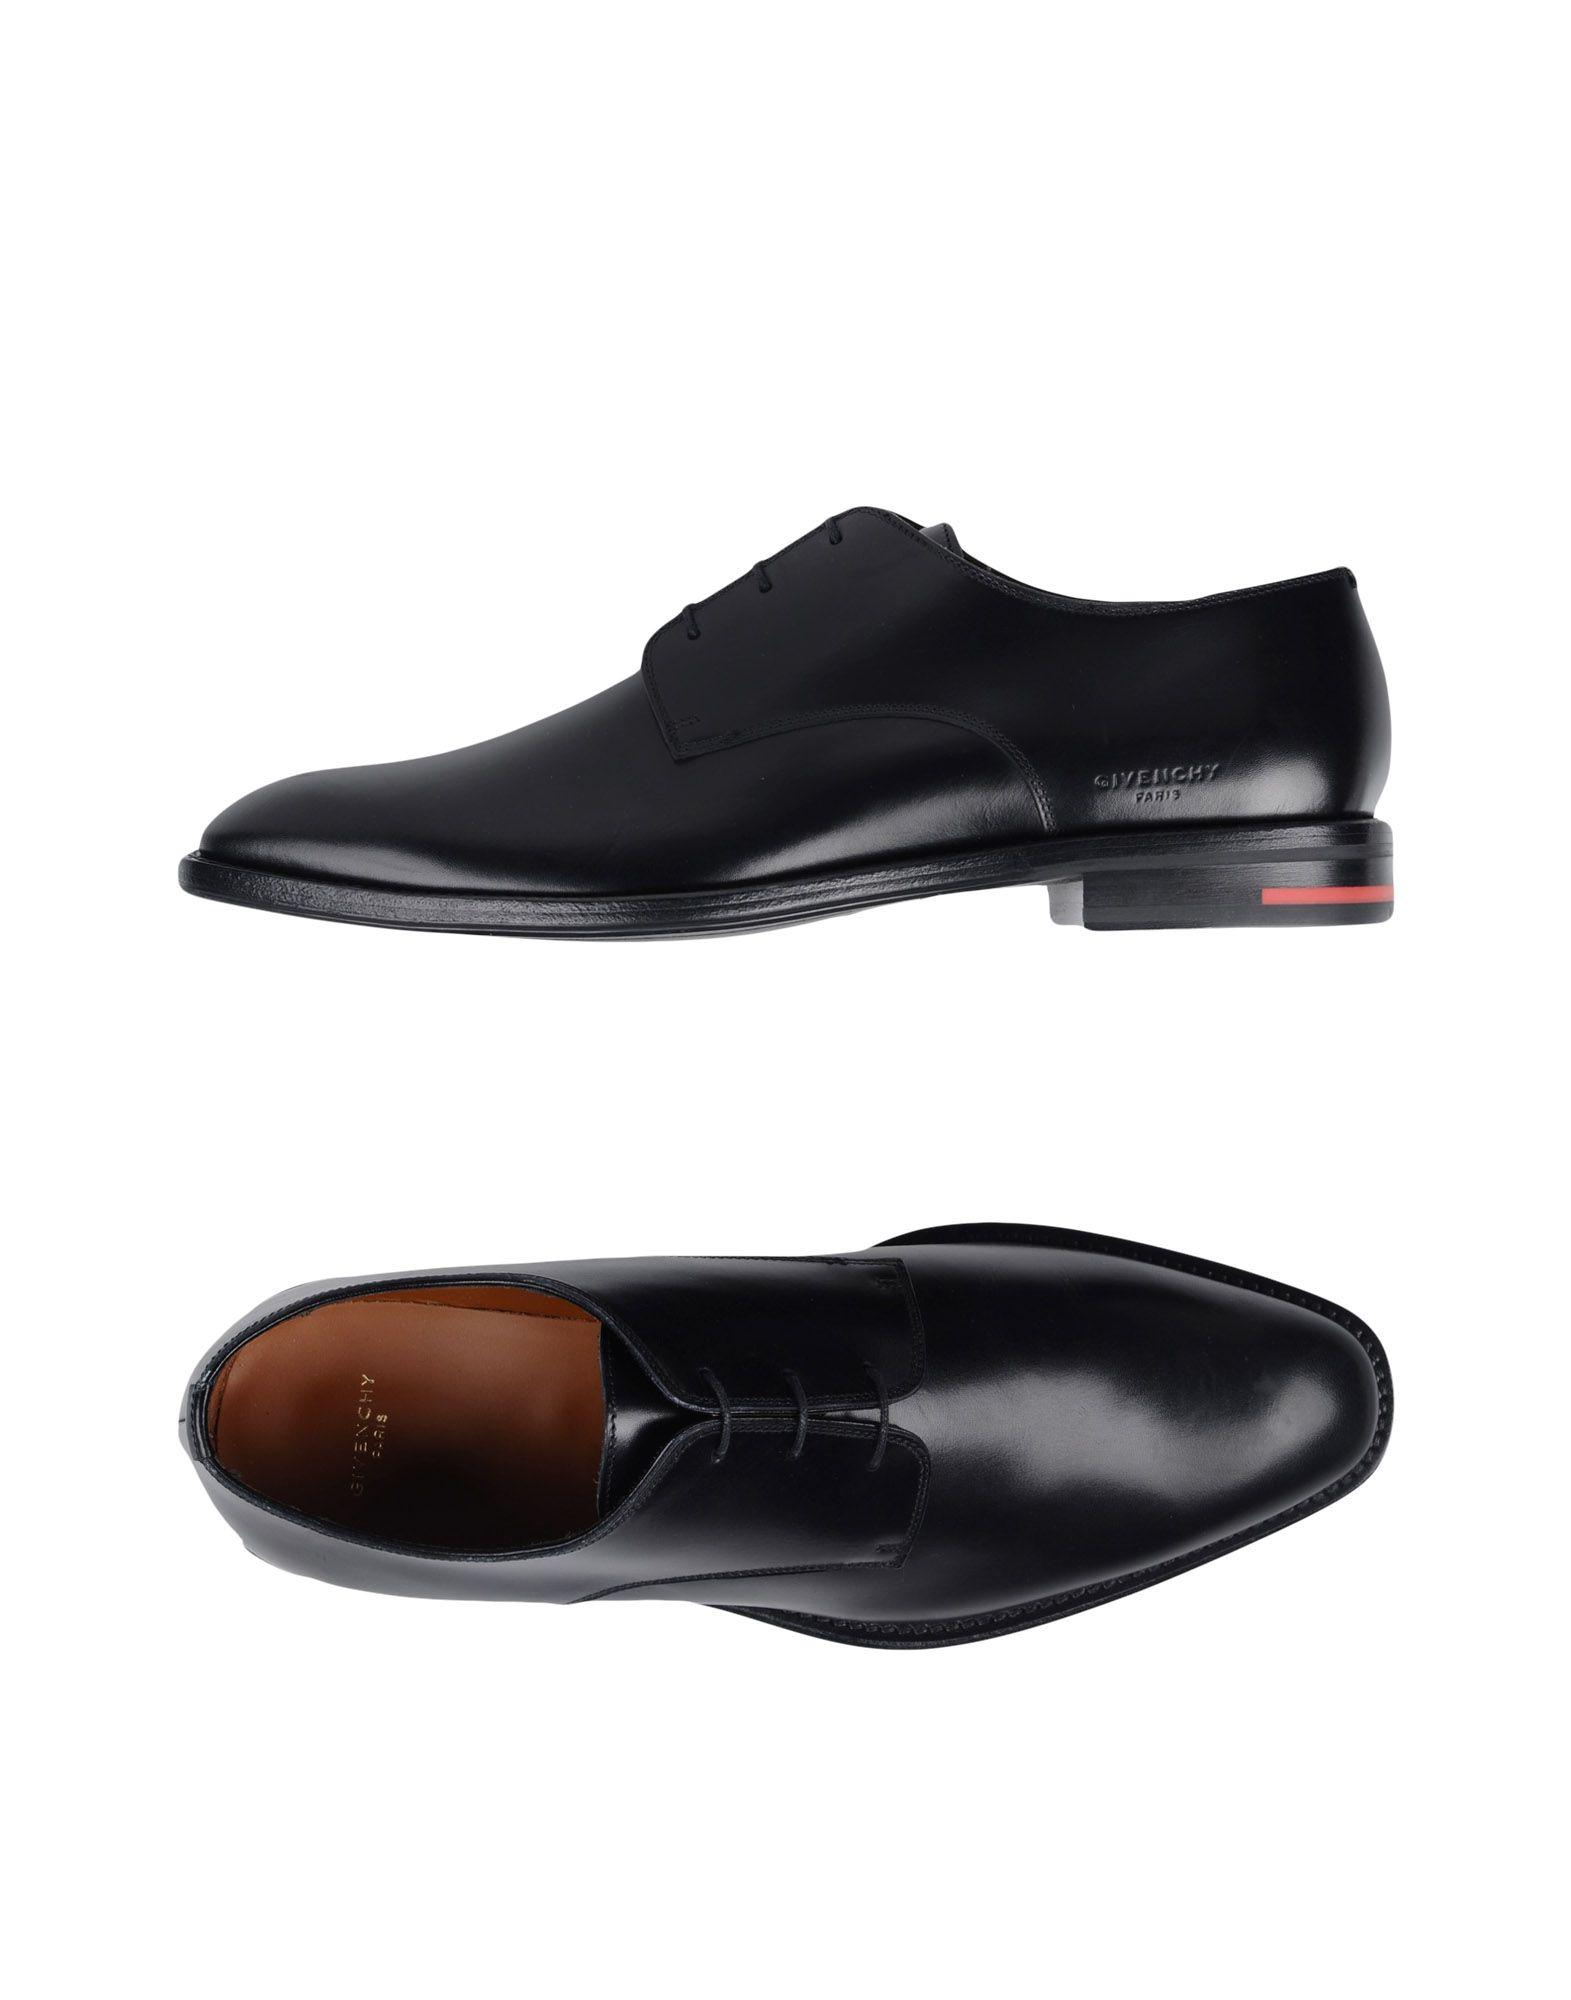 Givenchy Schnürschuhe Herren  11465696TF Gute Qualität beliebte Schuhe